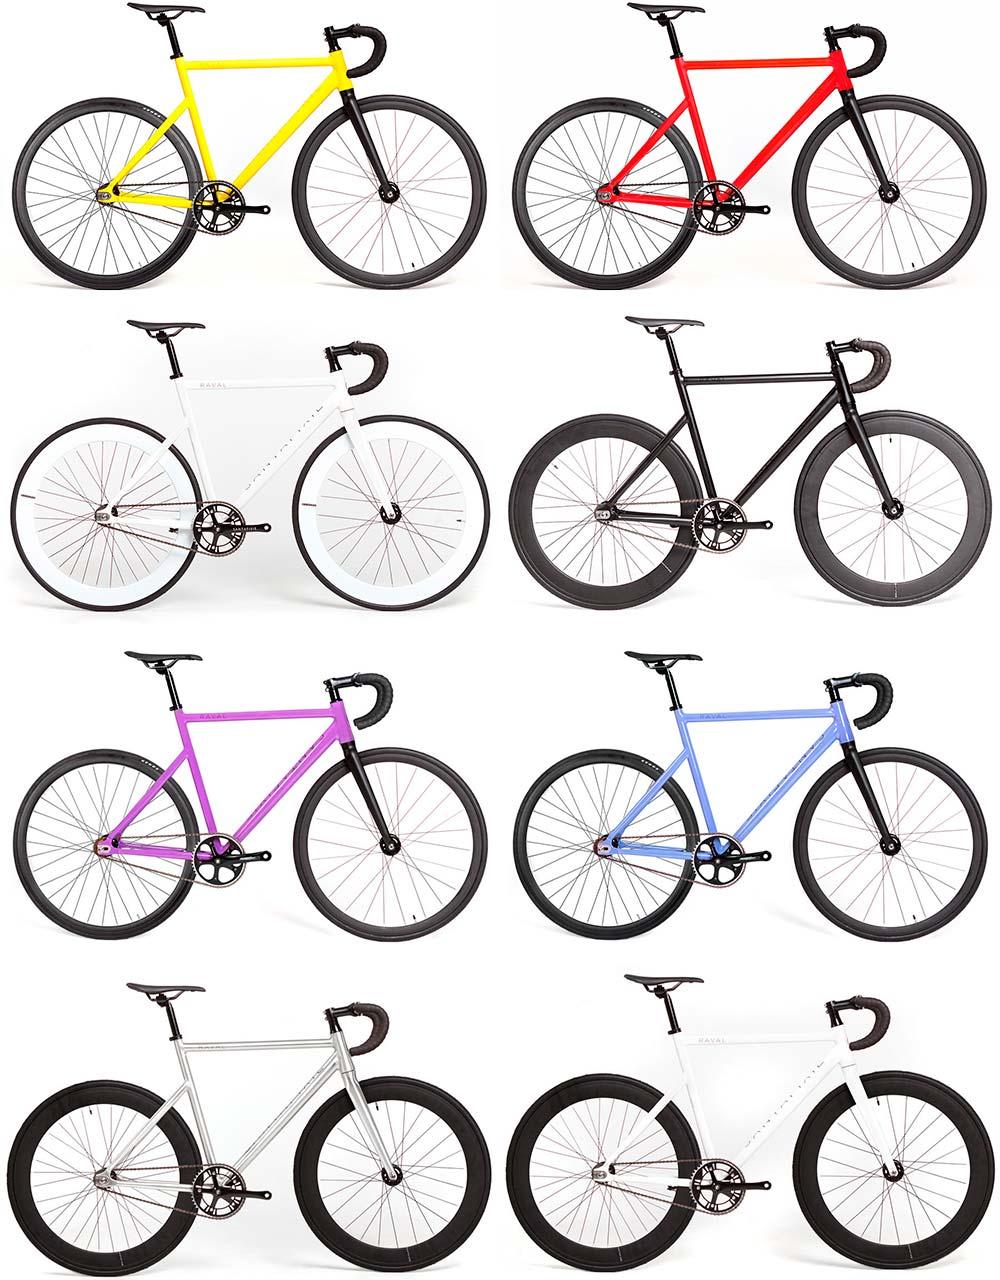 En TodoMountainBike: Santafixie Raval, la bici perfecta para el padre deportista, la madre cosmopolita o el adolescente que pasa de coche